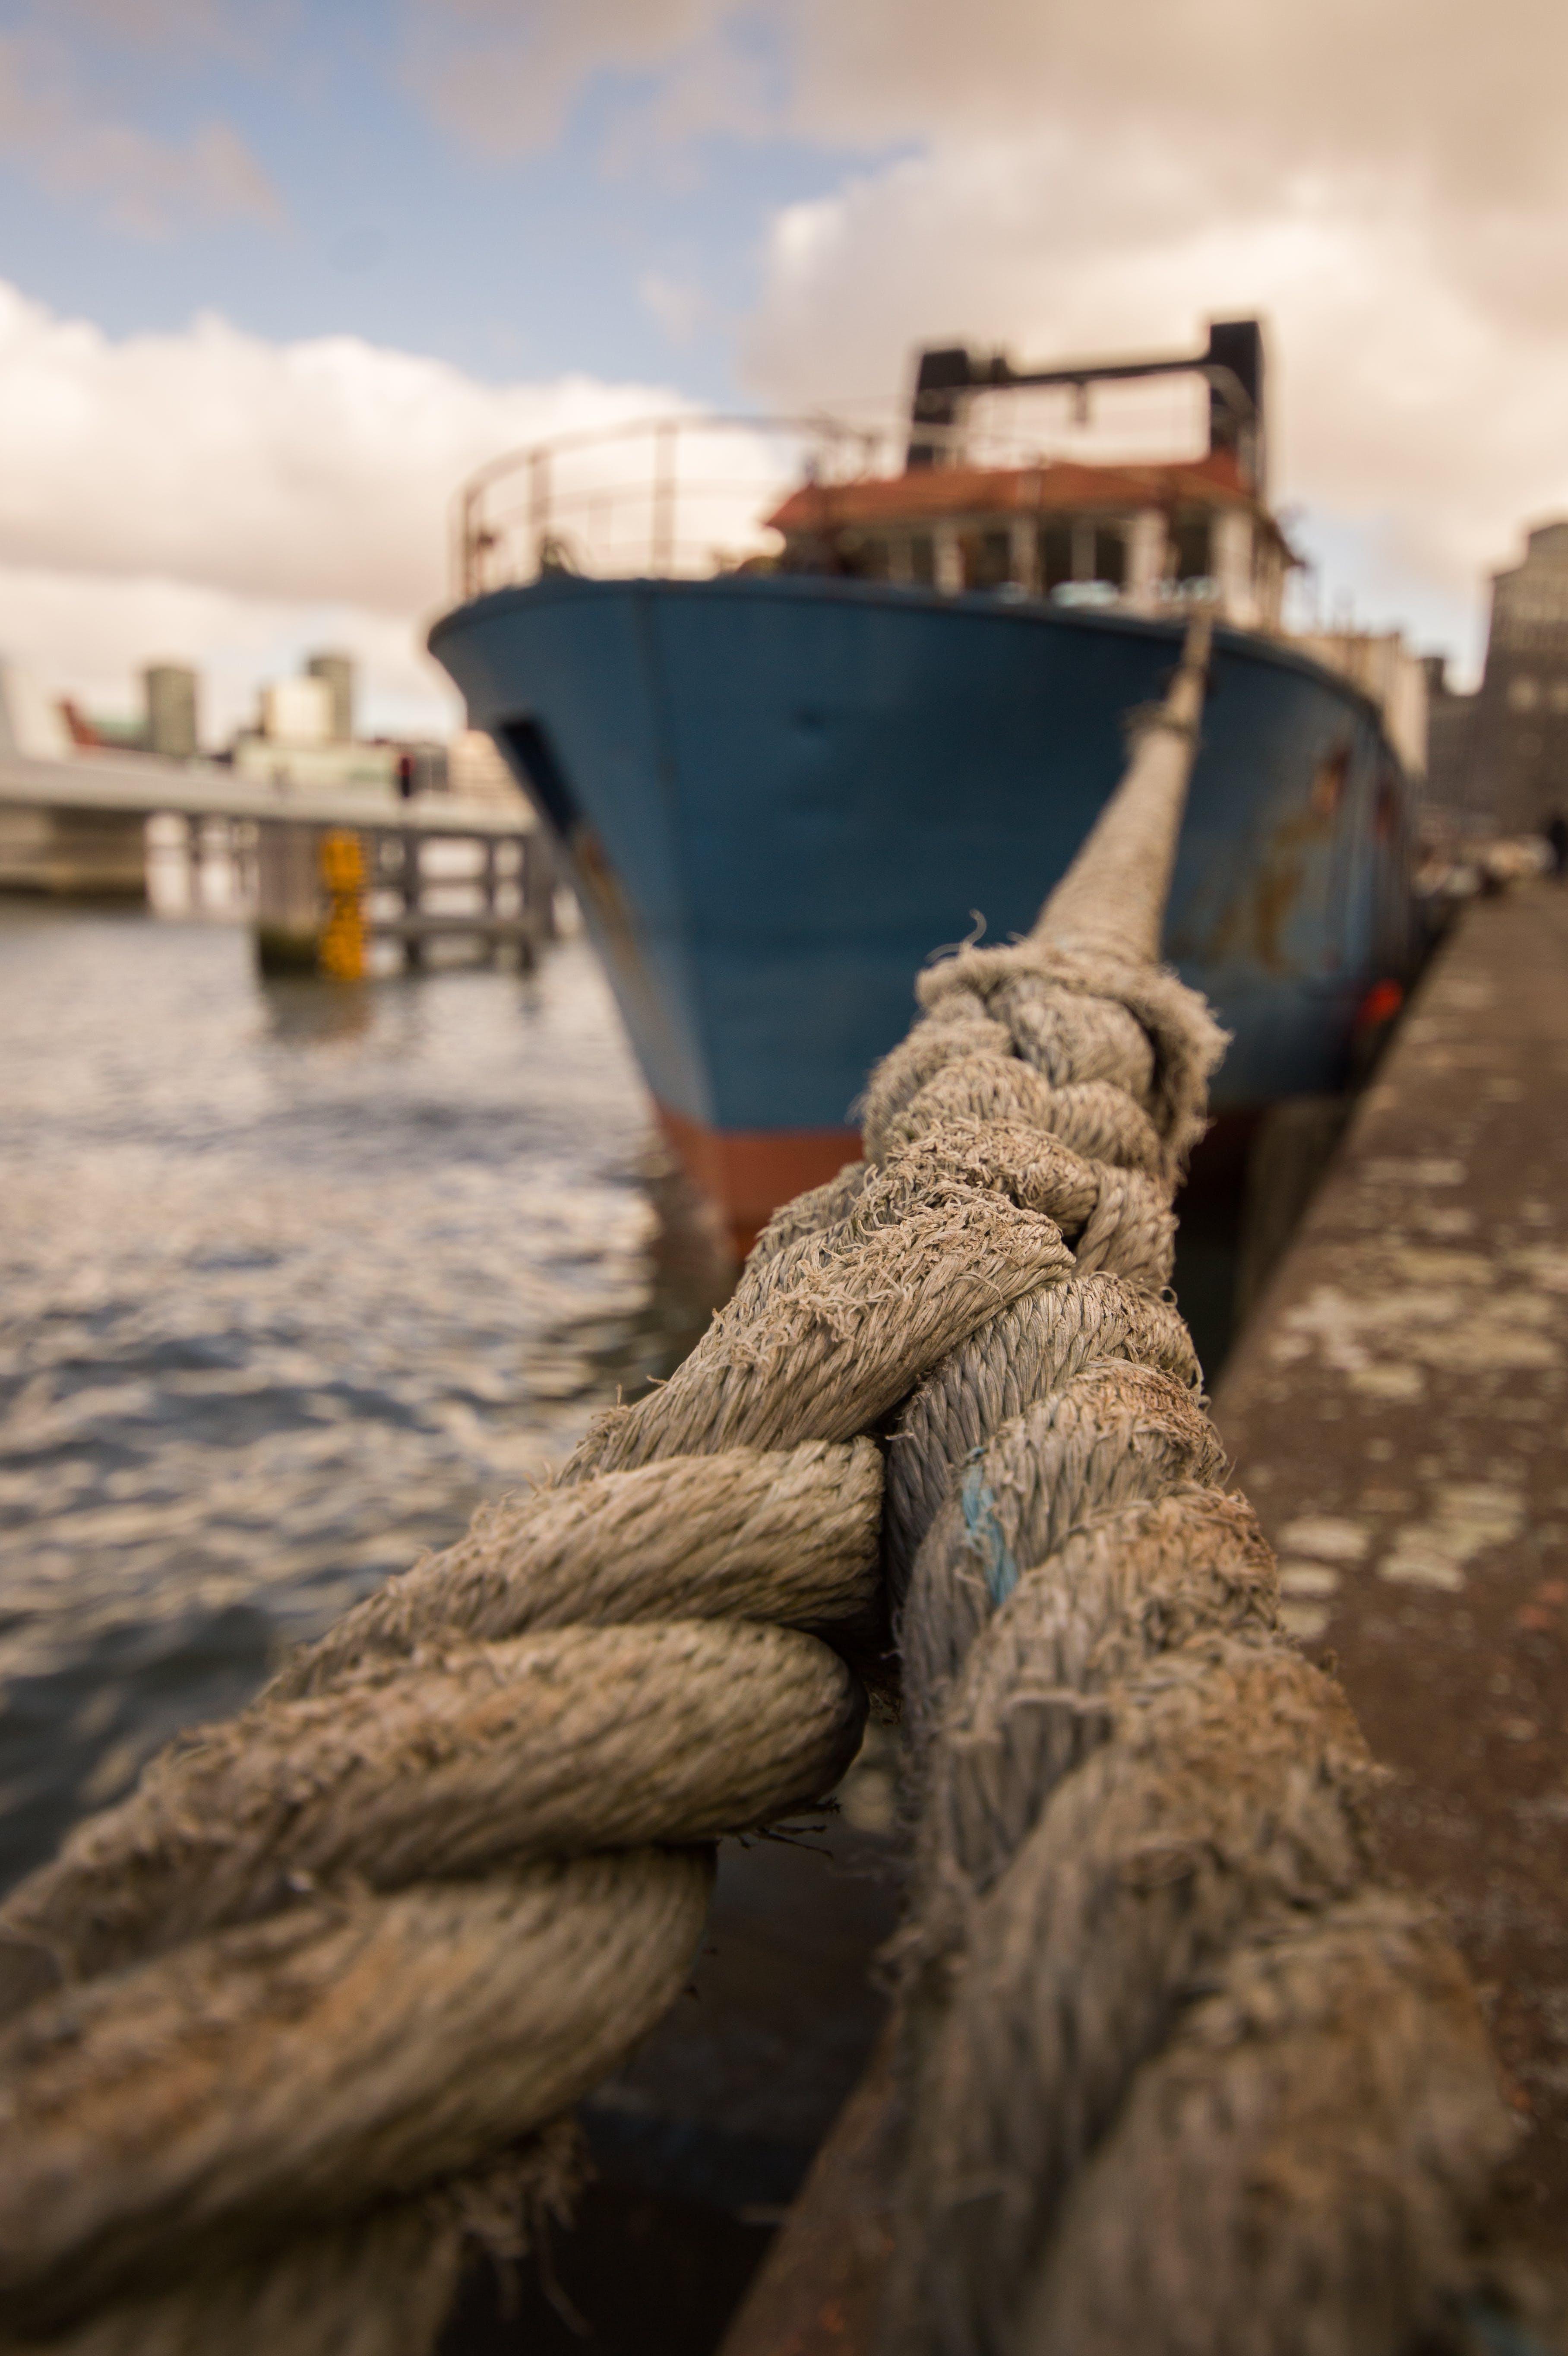 cargo, dock, harbor